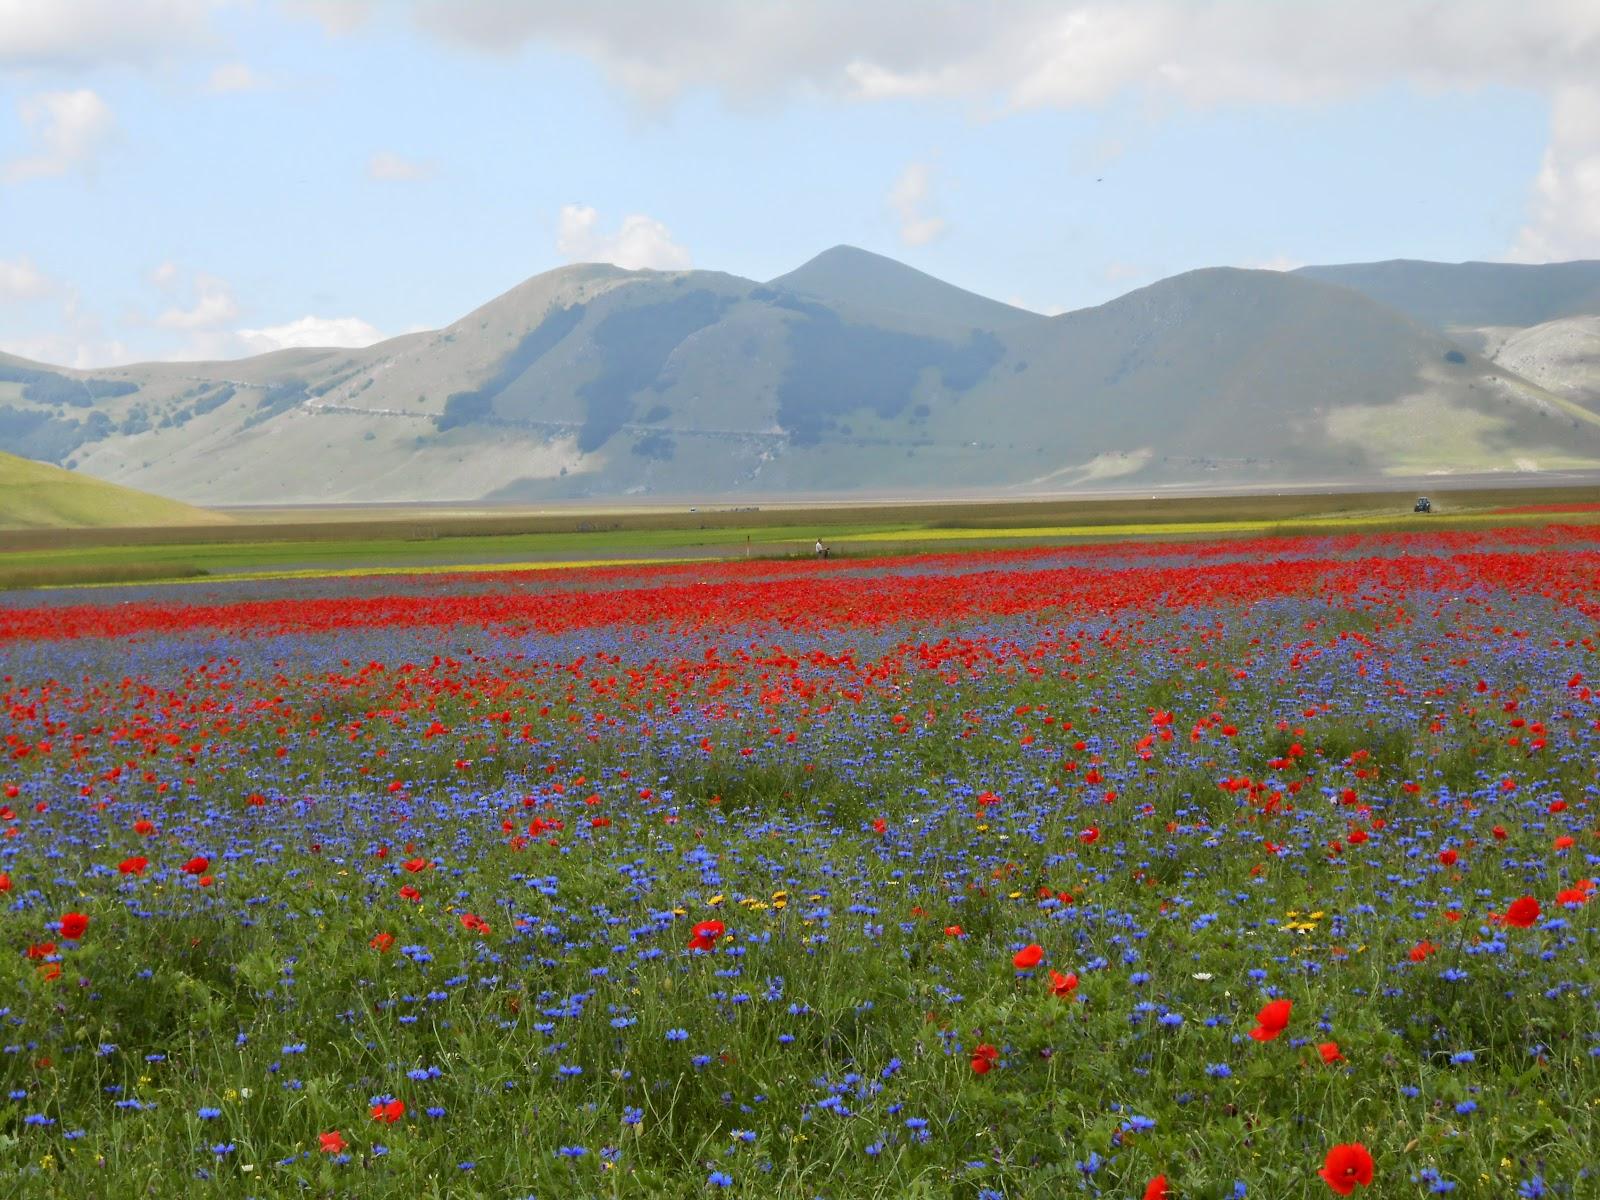 la collina dei mici le fioriture multicolore dei piani di